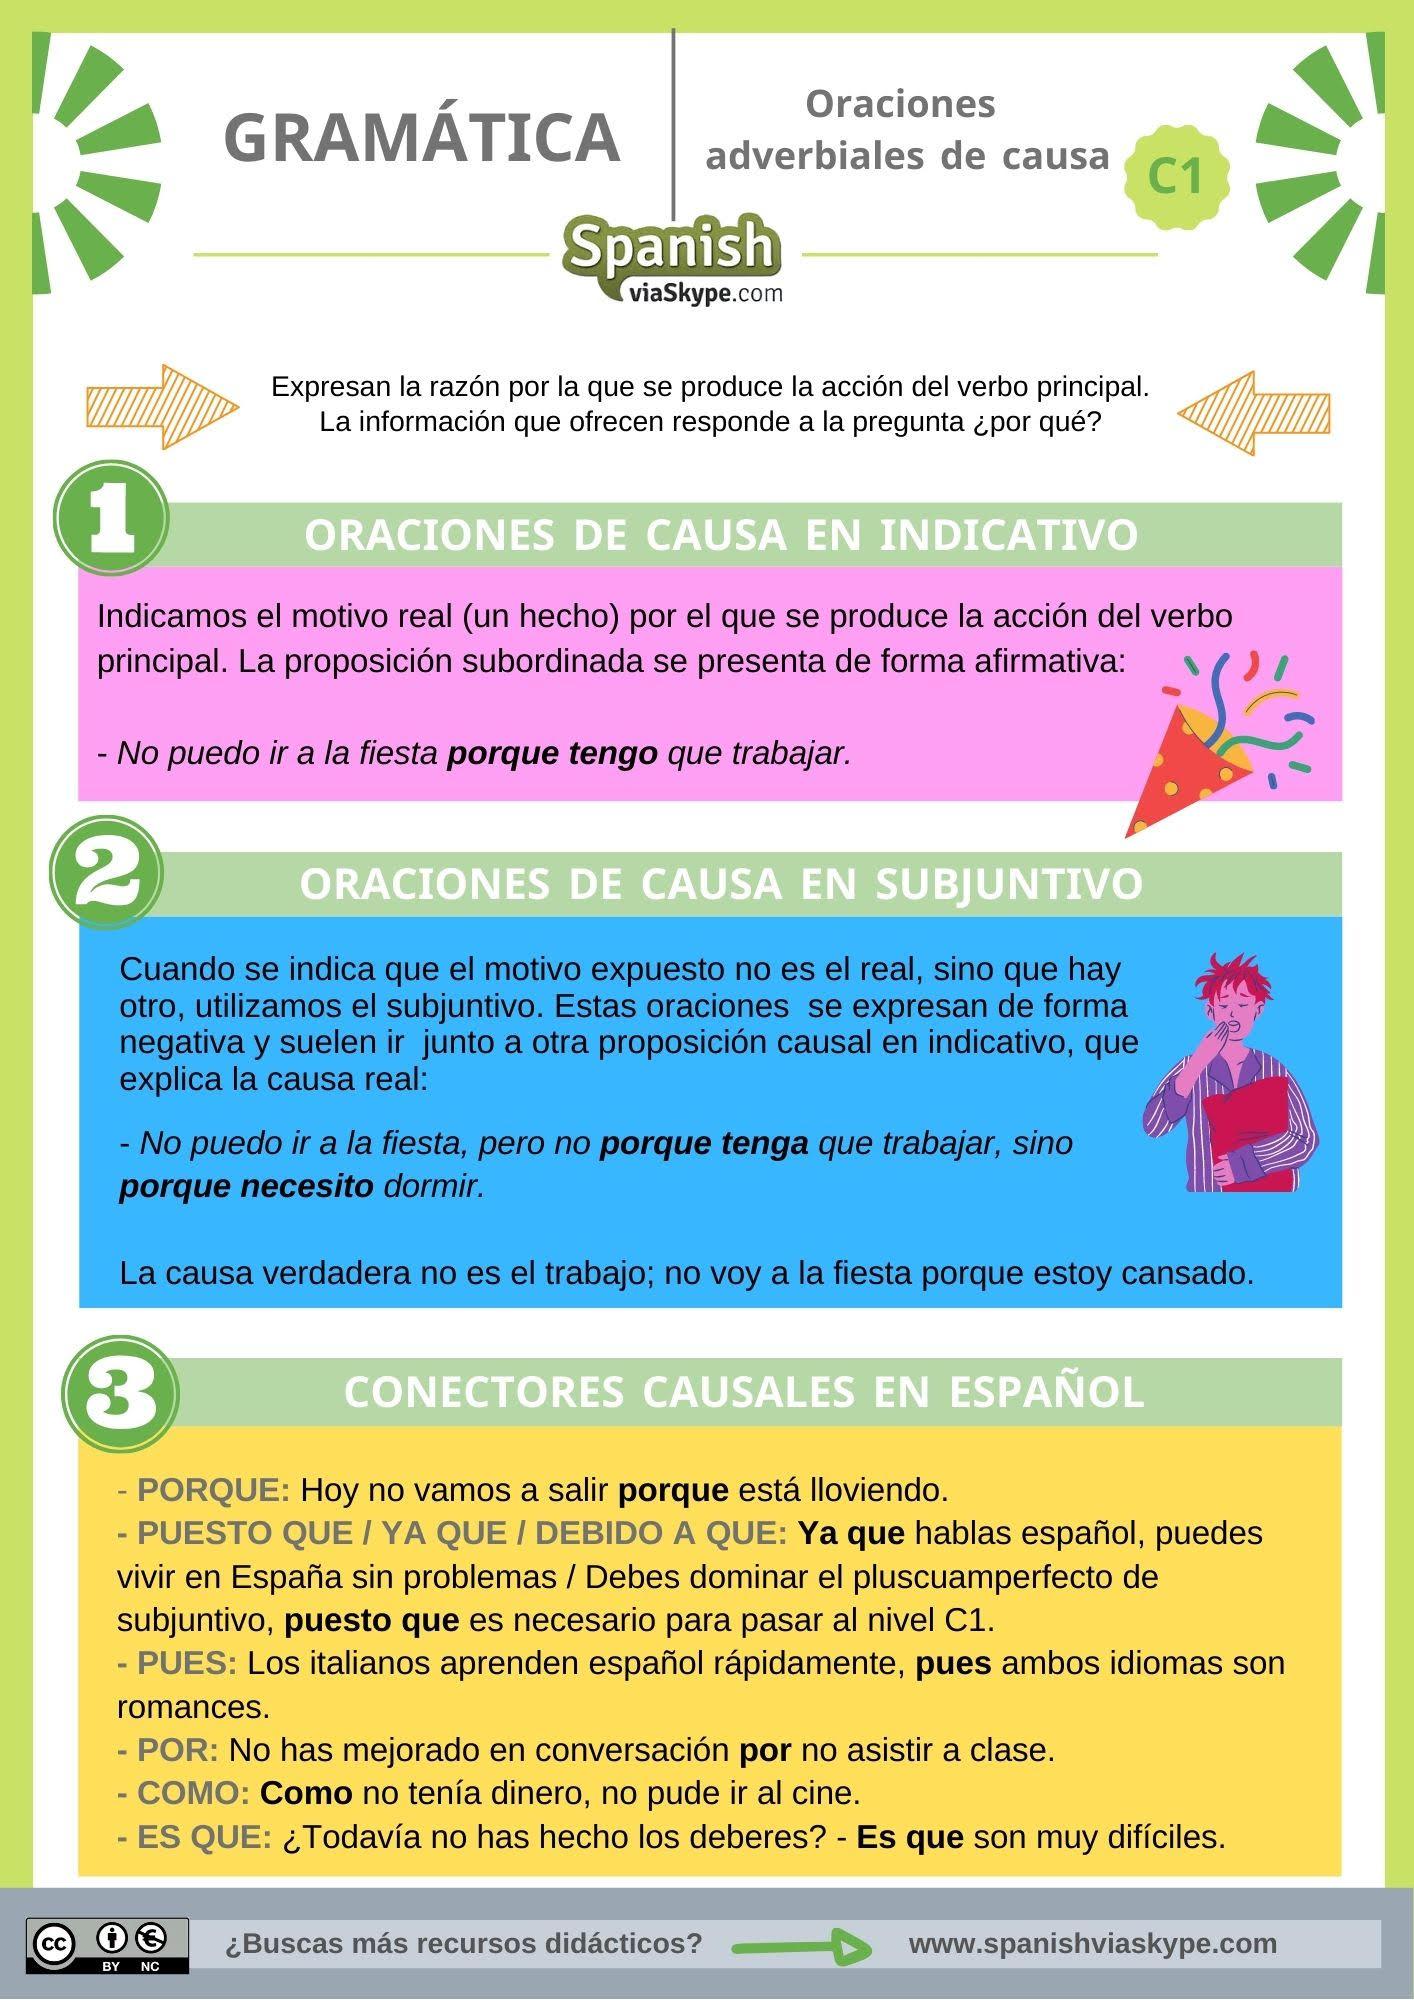 Infografía de oraciones adverbiales de causa en español